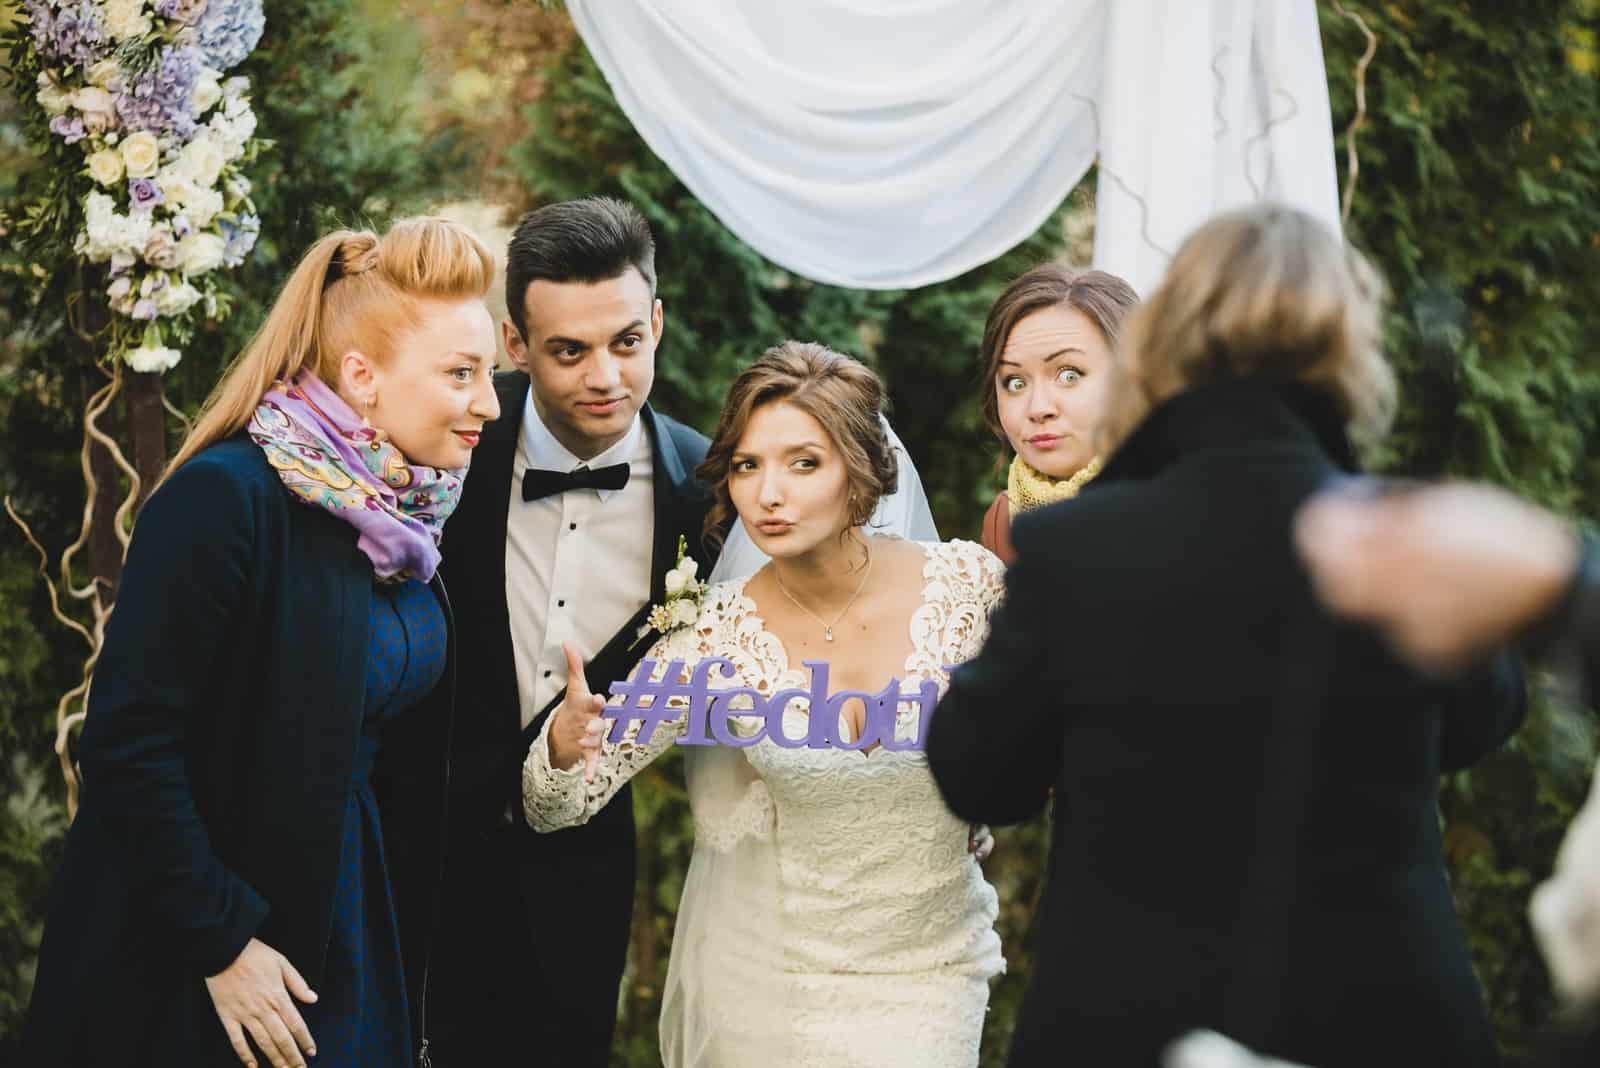 Lustige Jungvermählten und Freunde machen ein Bild mit Freunden, die einen hölzernen Hochzeitshashtag in ihren Armen halten